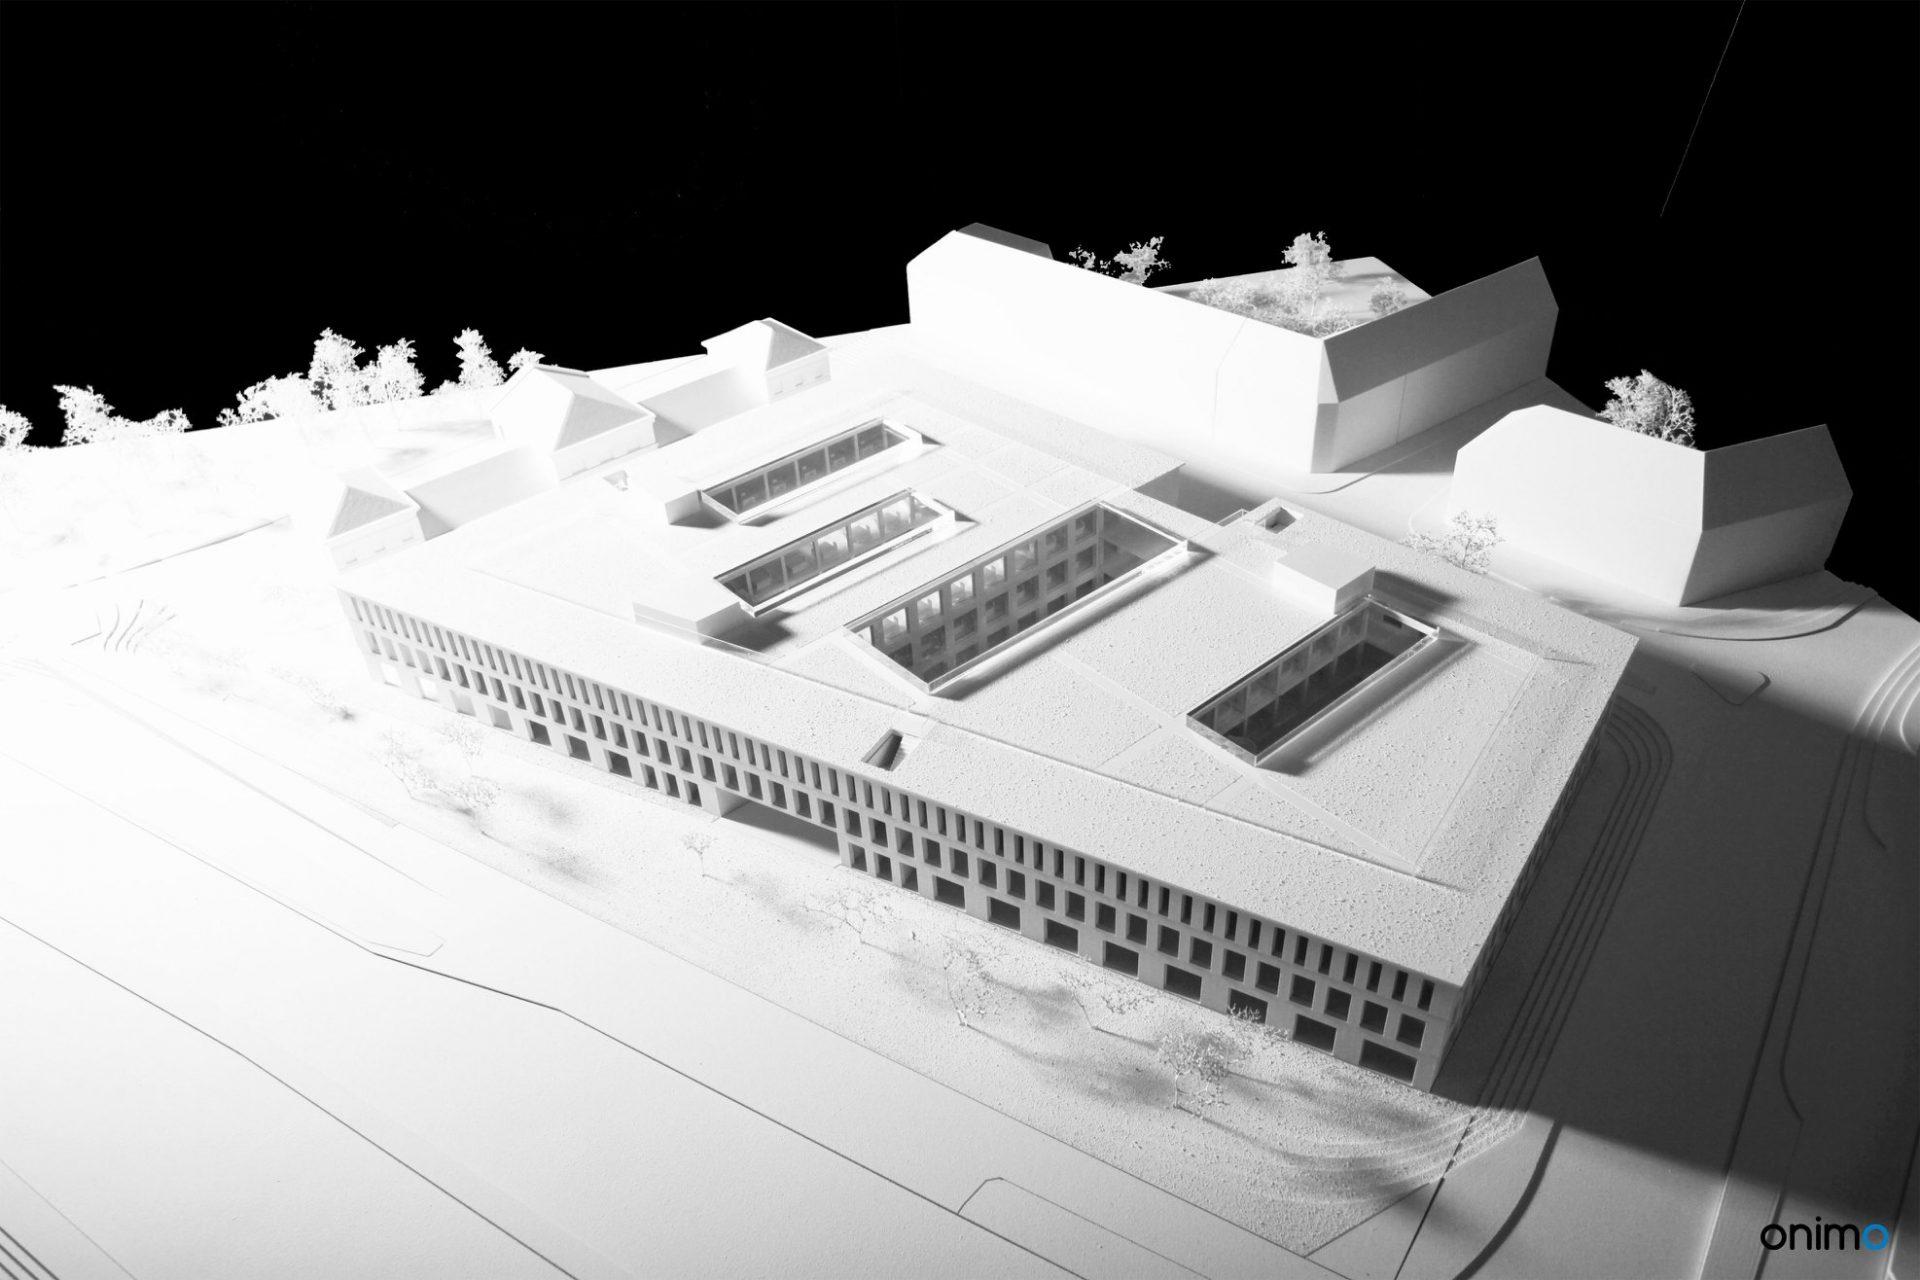 Budynek dydaktyczny UW, WXCA, ONIMO Makiety Architektoniczne, najlepsze makiety architektoniczne, najlepsze modele budynków